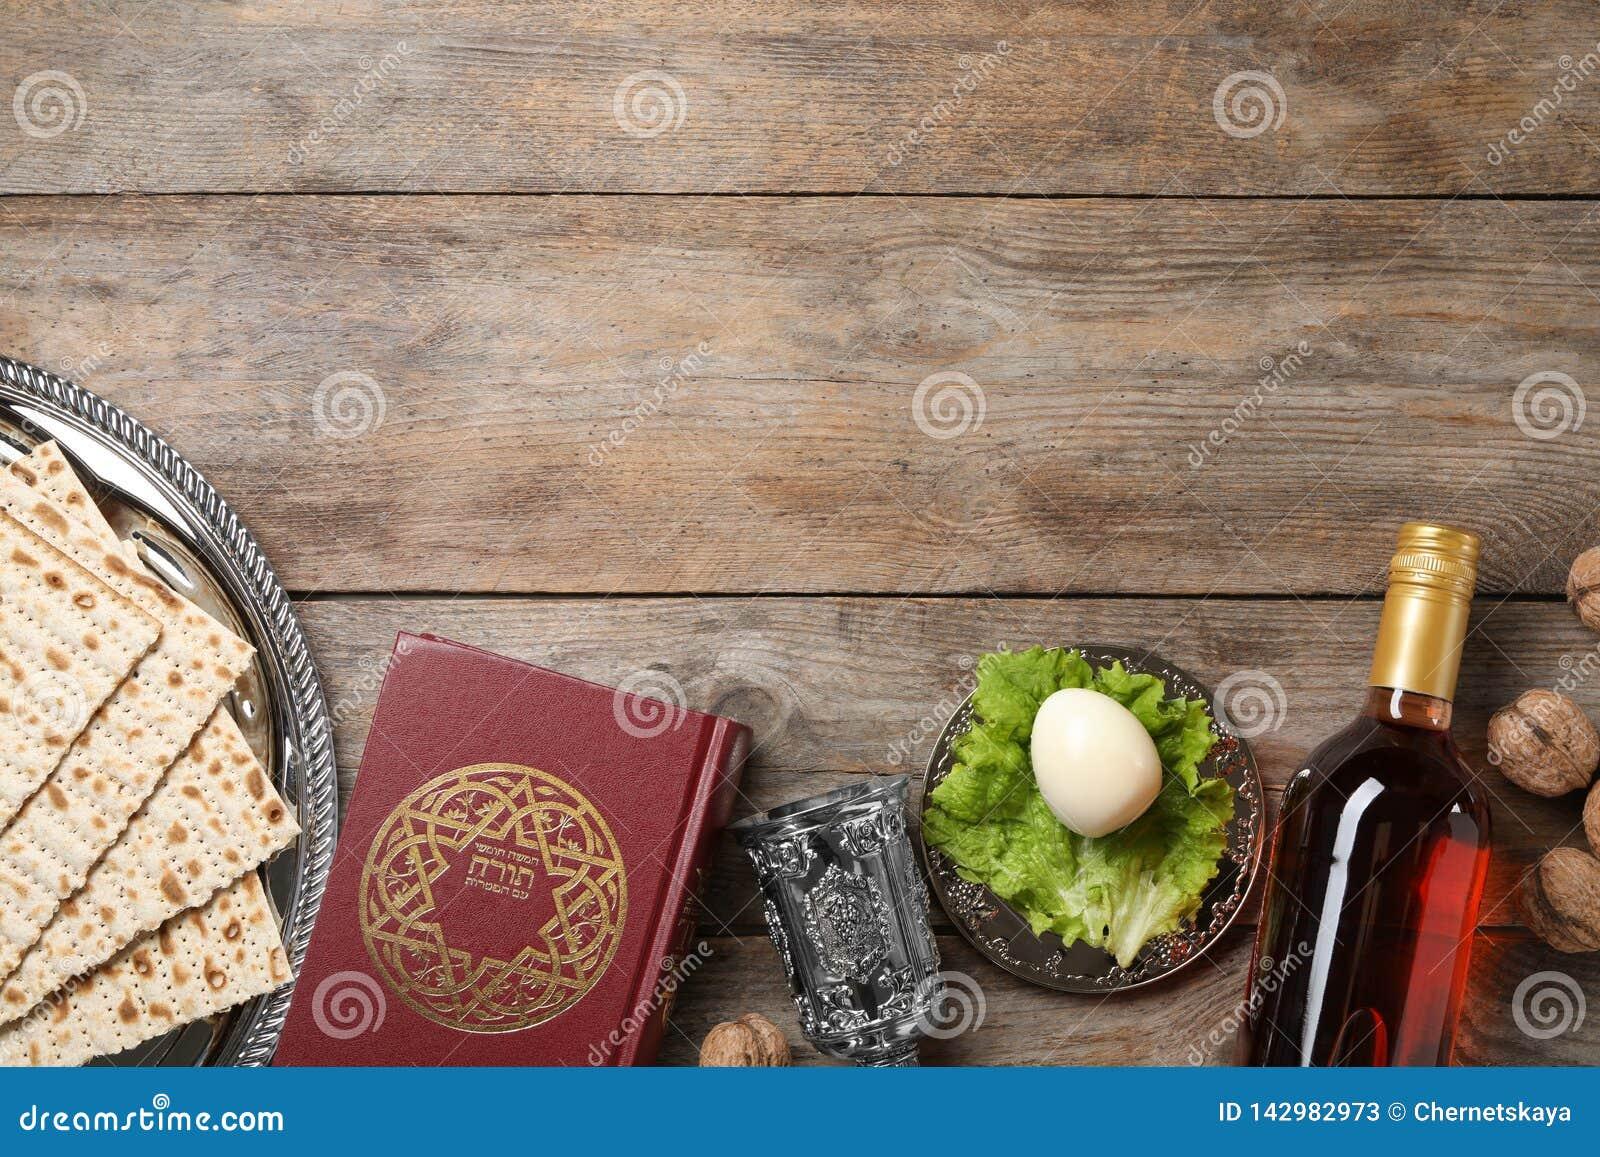 Composición puesta plana con los artículos simbólicos de Pesach de la pascua judía en fondo de madera